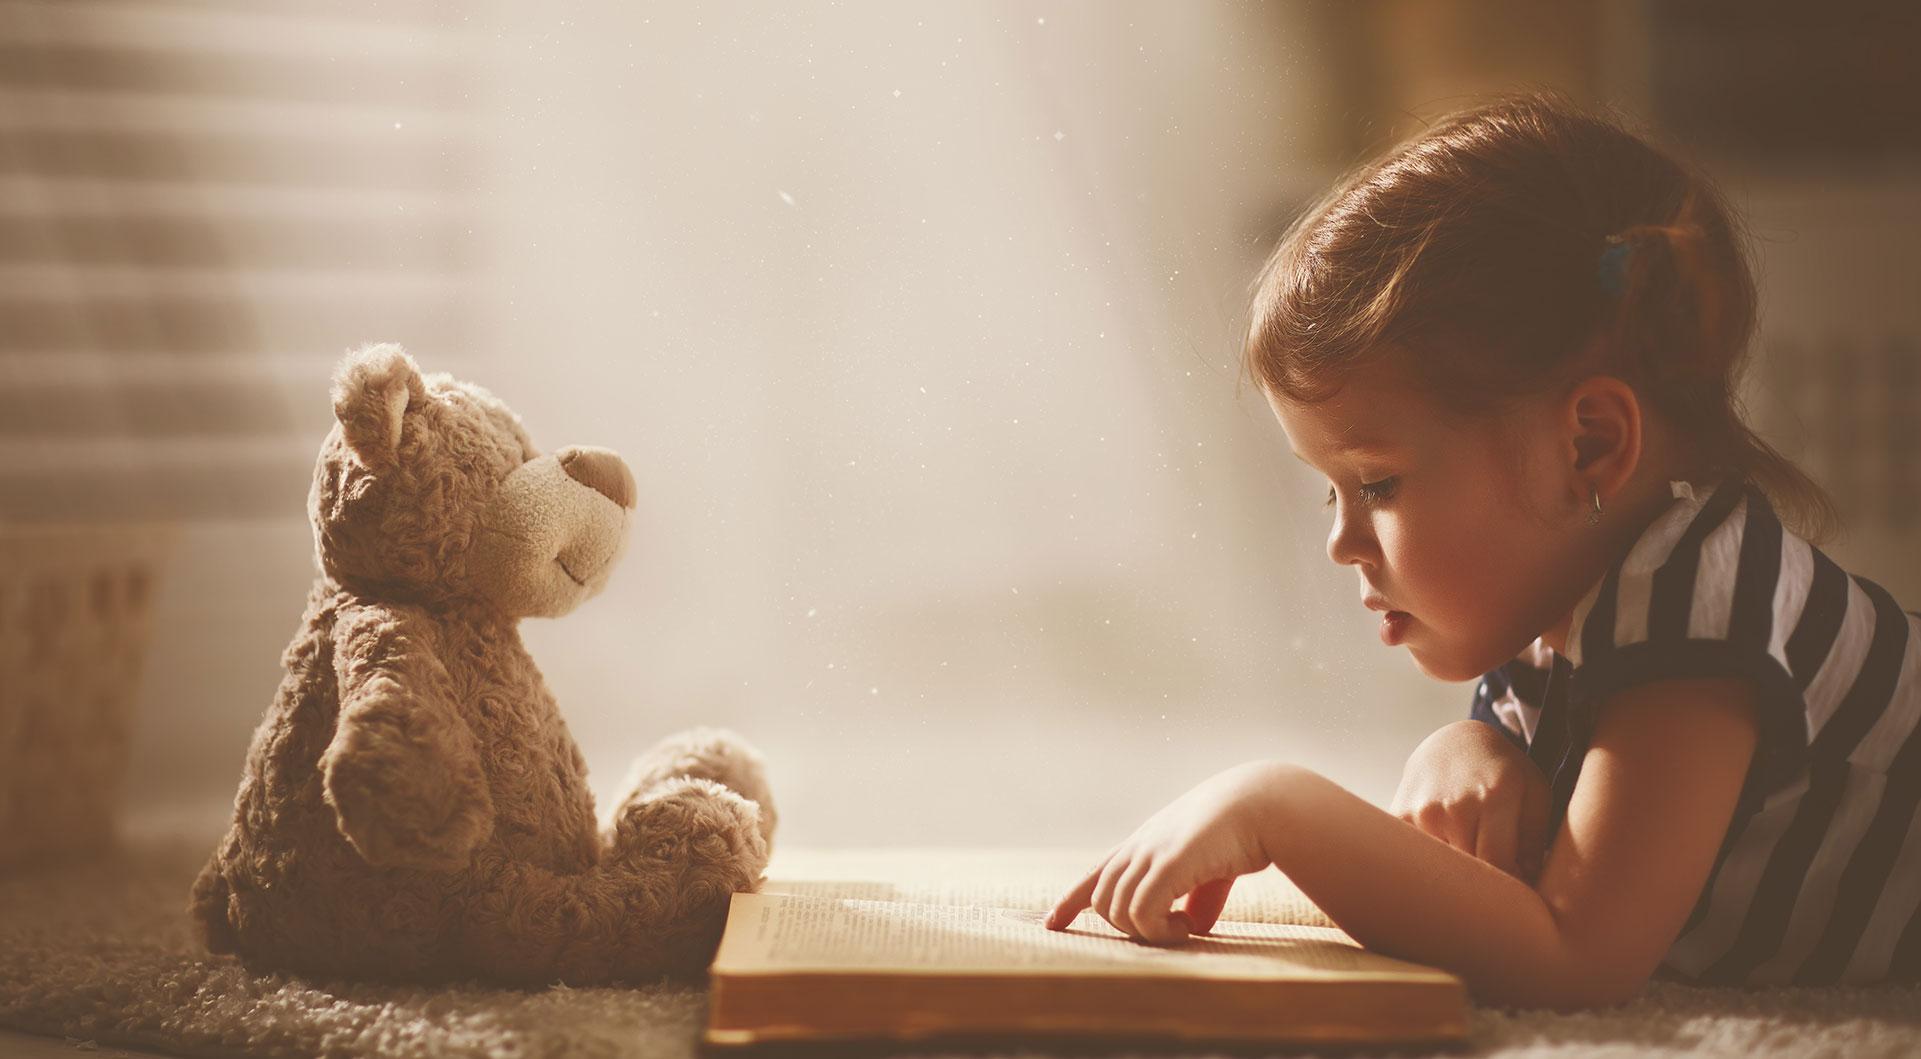 Little girl reading to her teddy bear